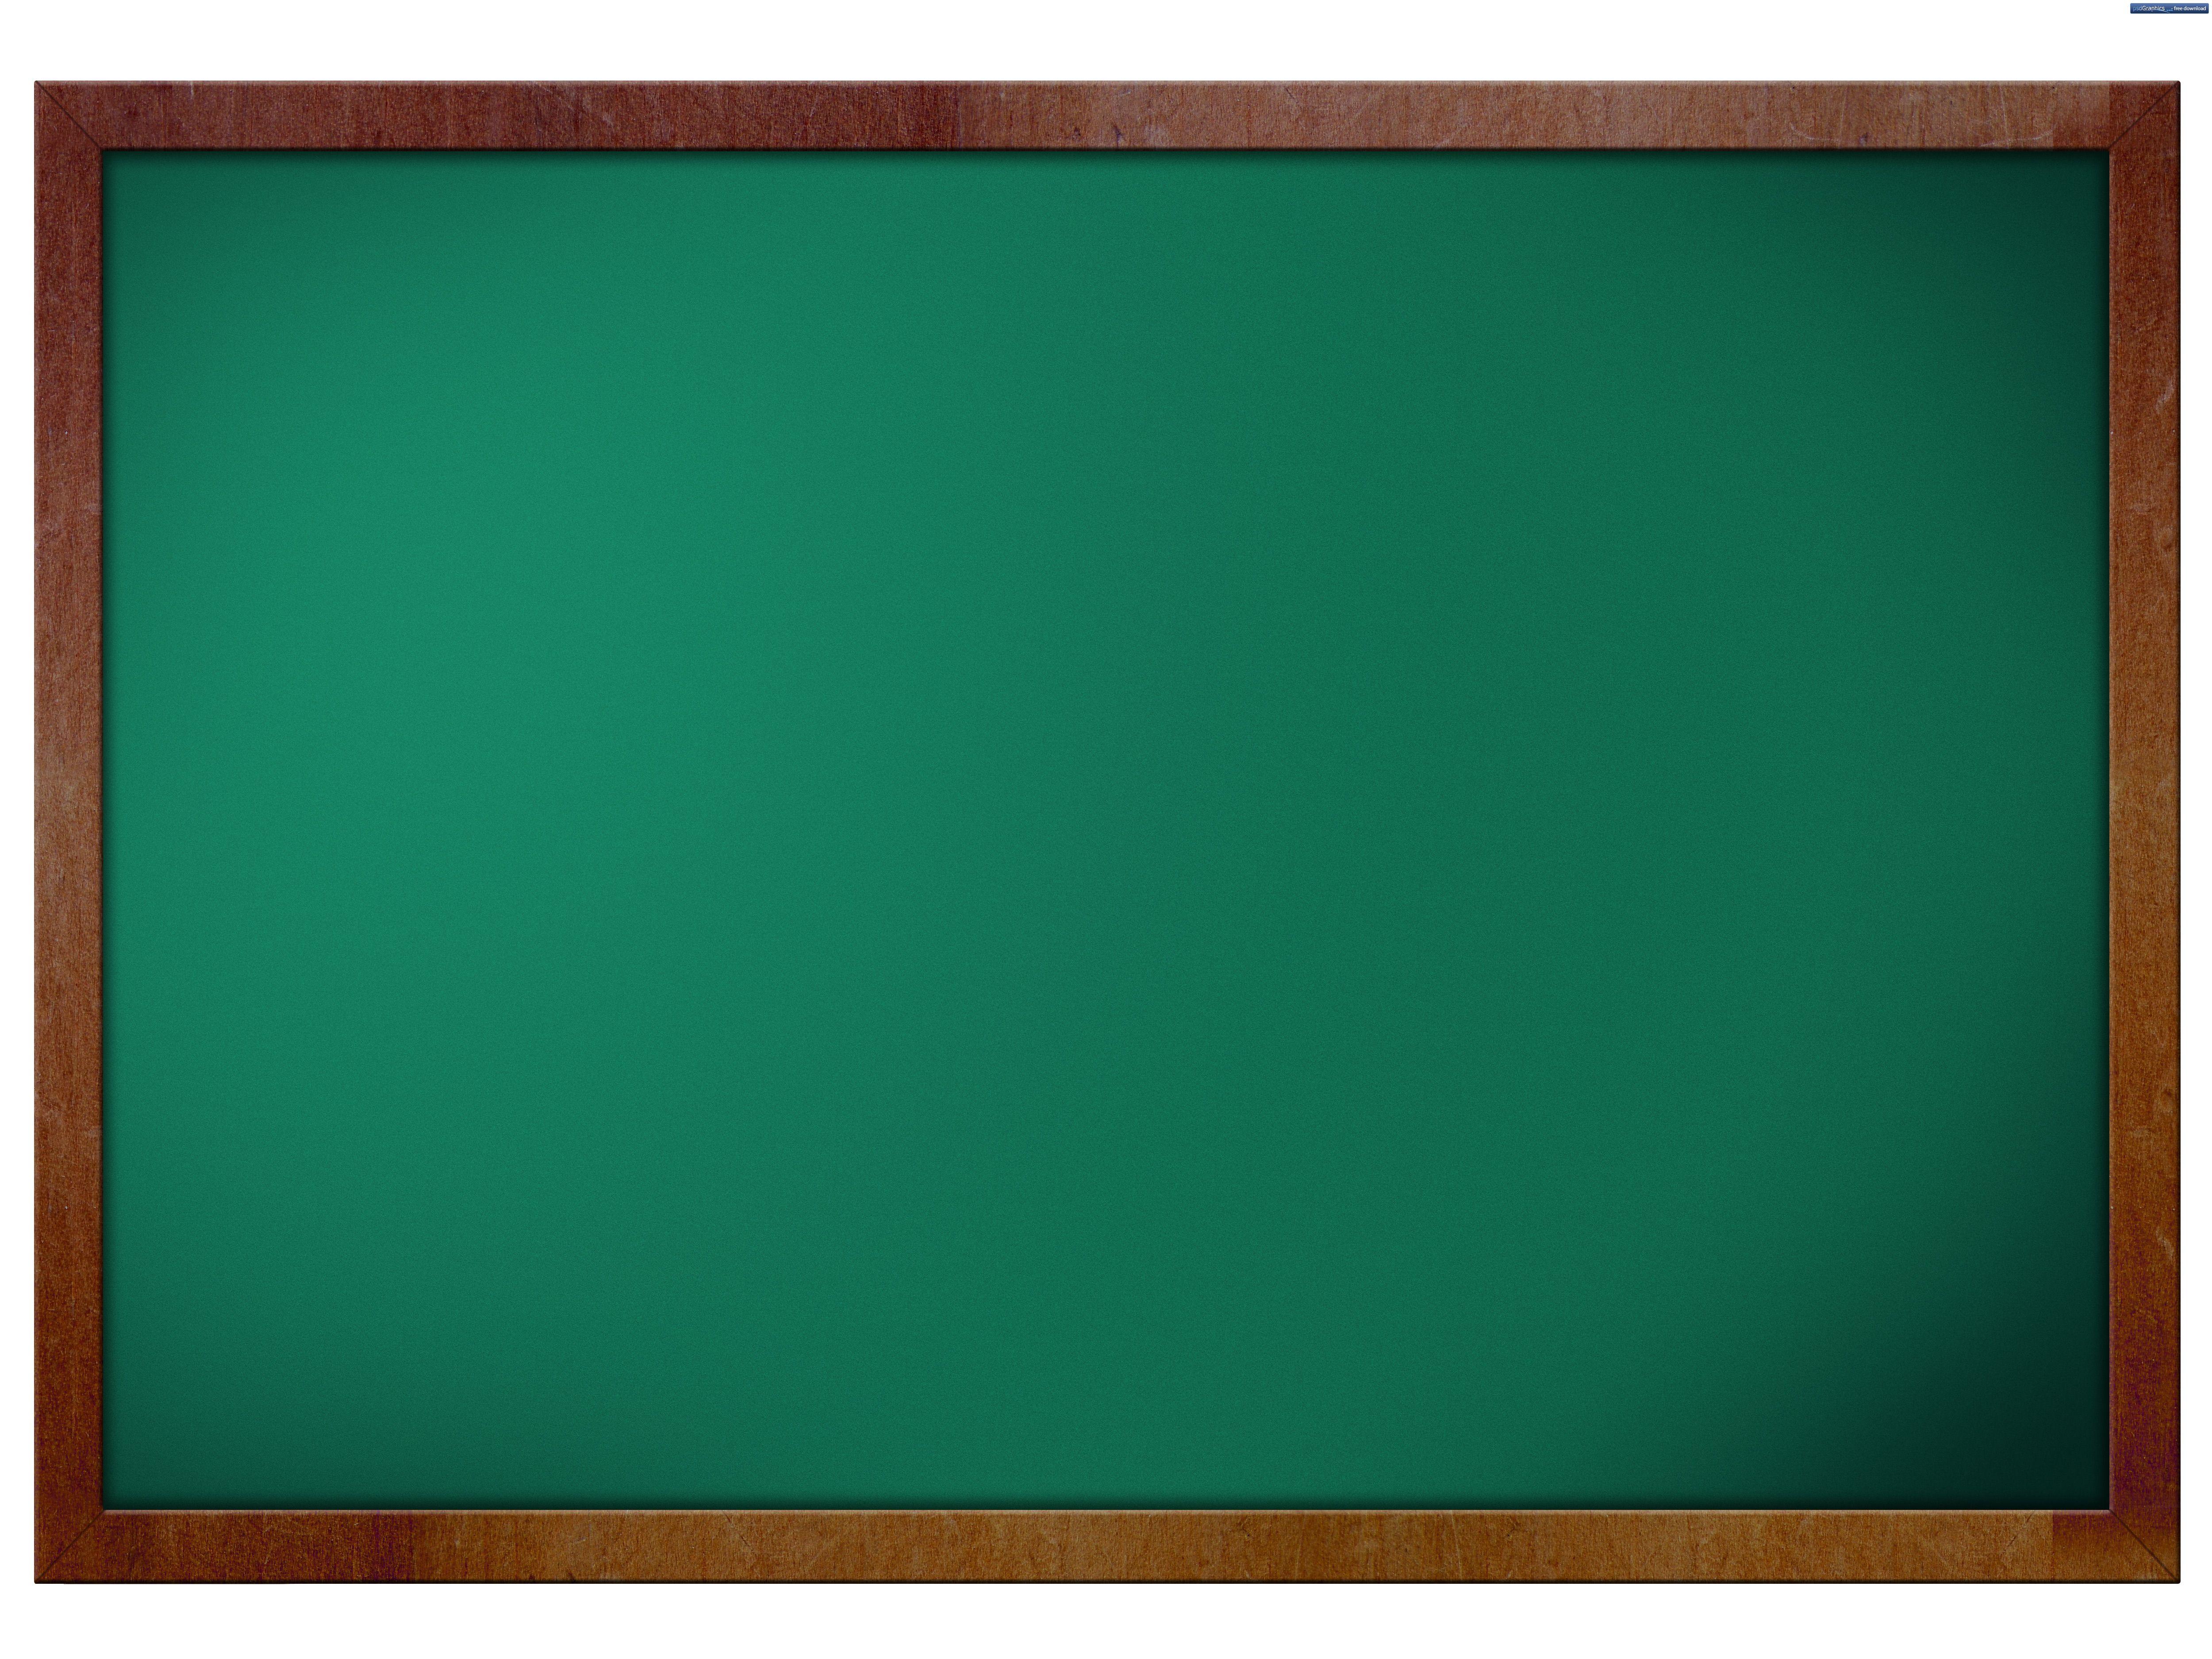 Blank Chalkboard Clipart.